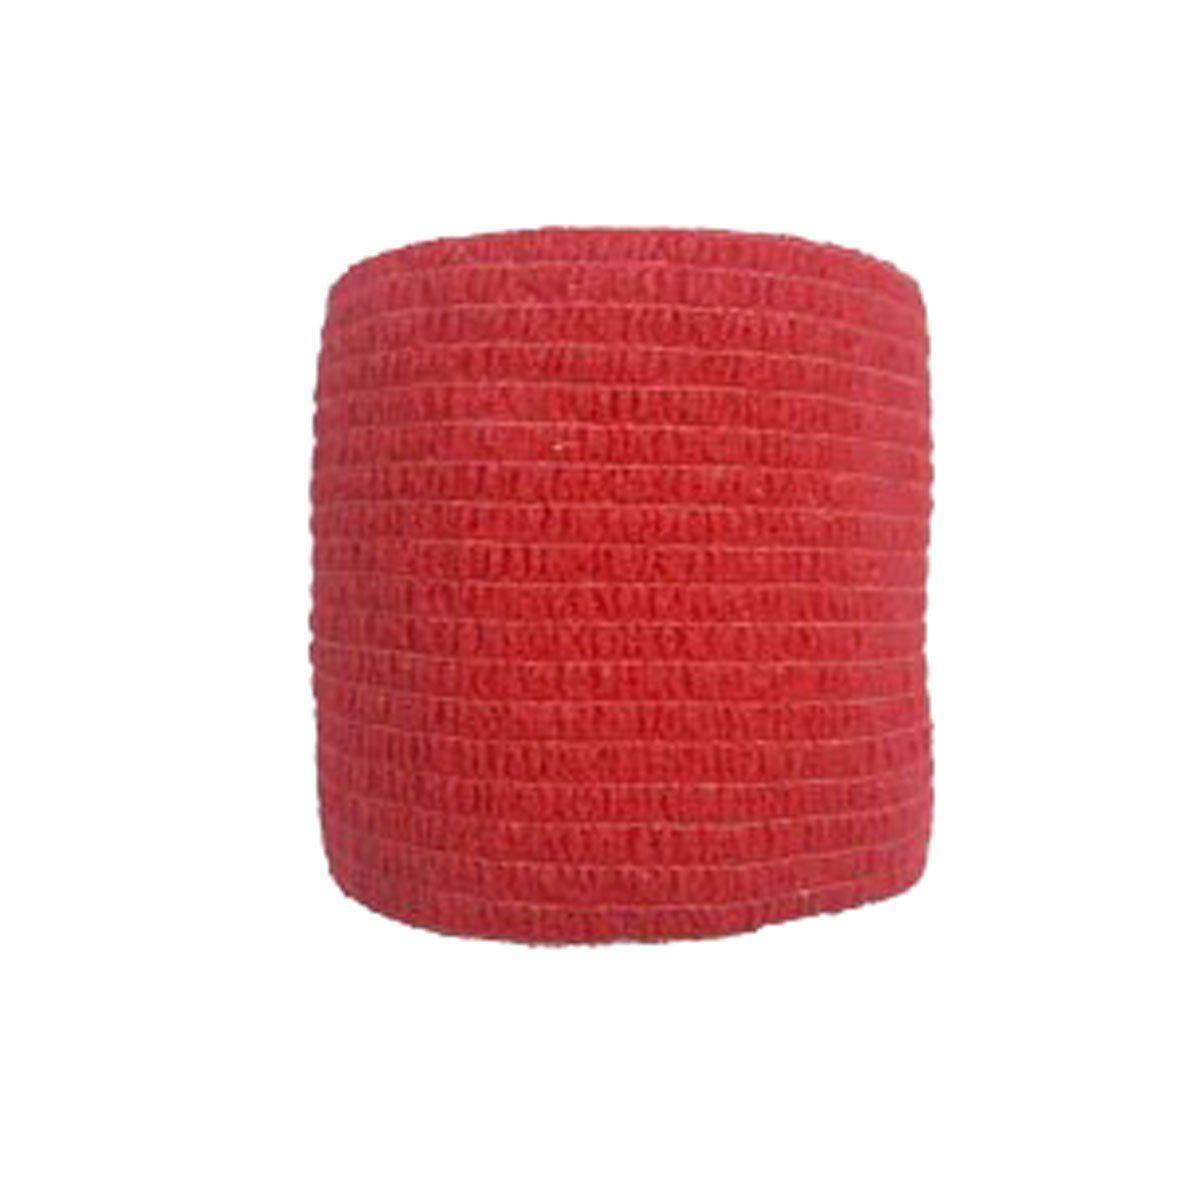 Camo Tape Fita para Camuflagem/ Proteção de dedo 5M Red